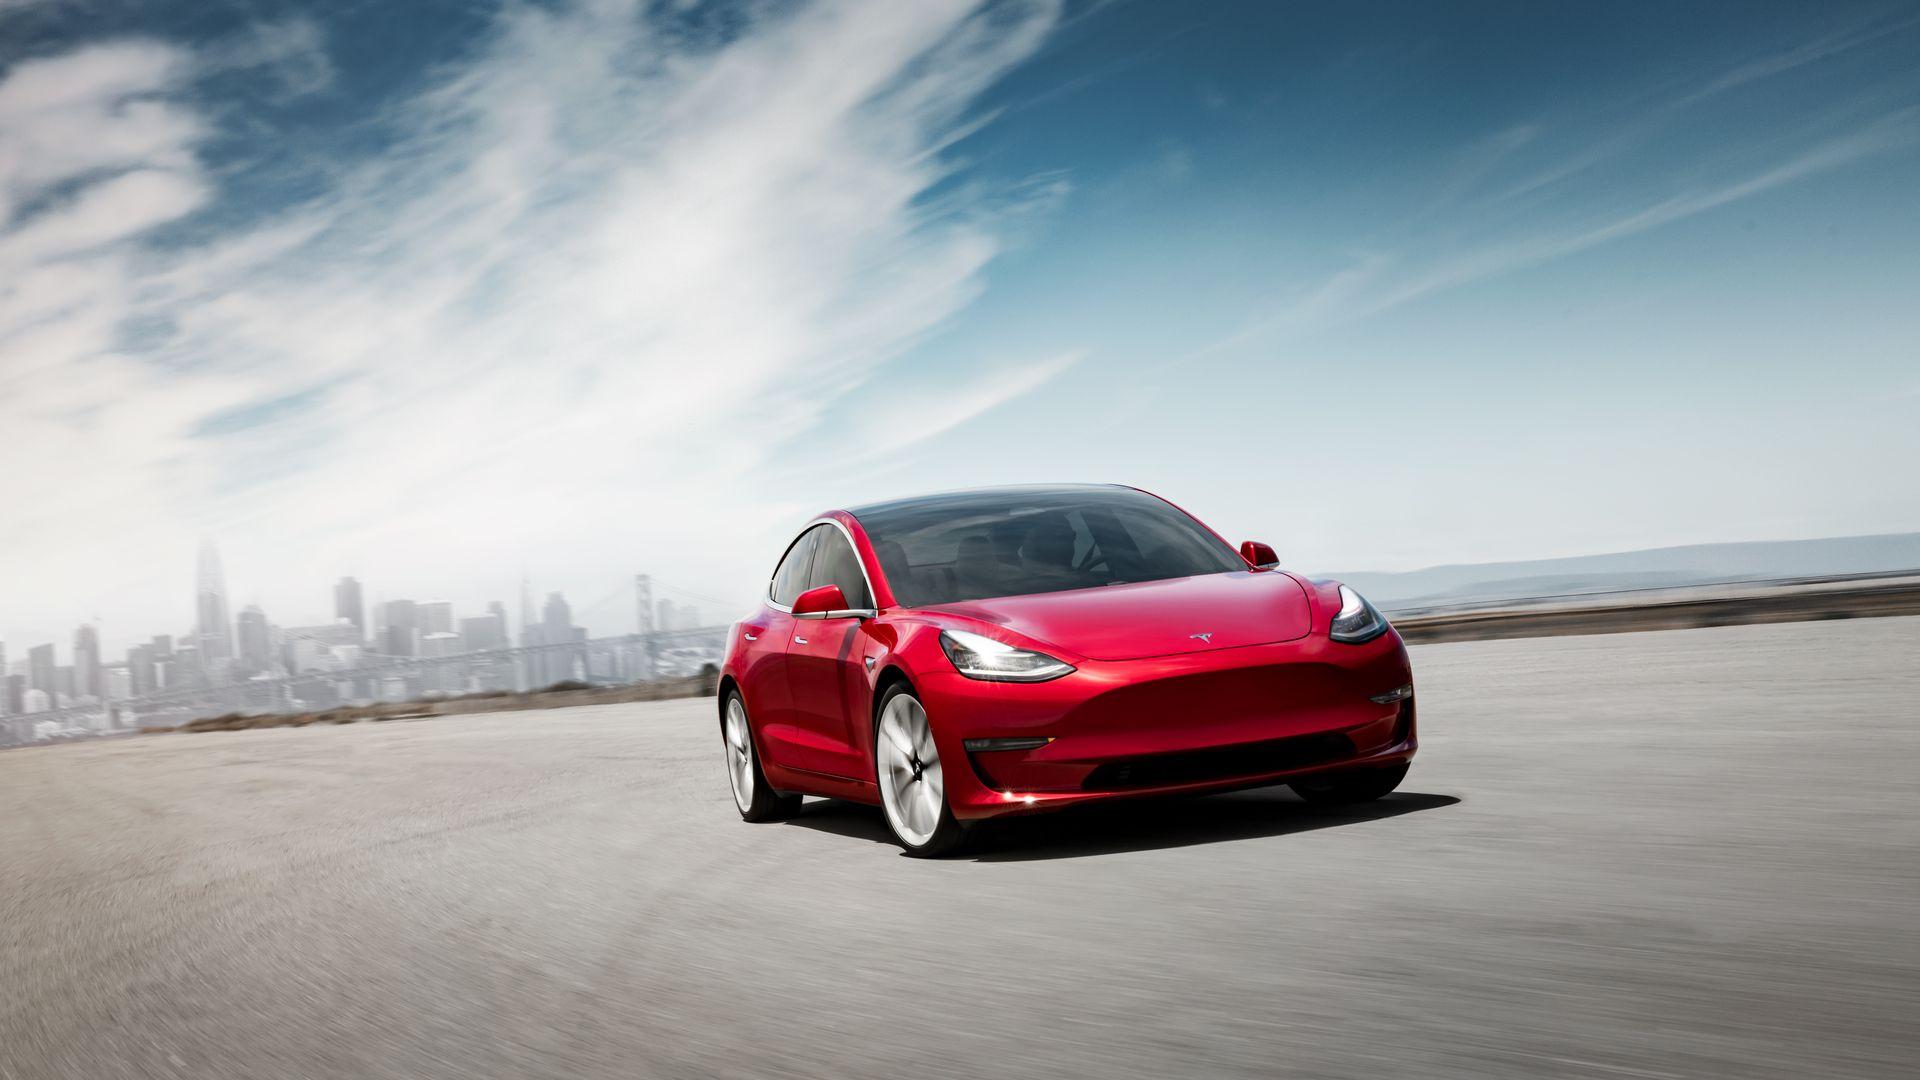 Meilleur Voiture Electrique >> France En Fevrier La Tesla Model 3 A Surpasse La Voiture